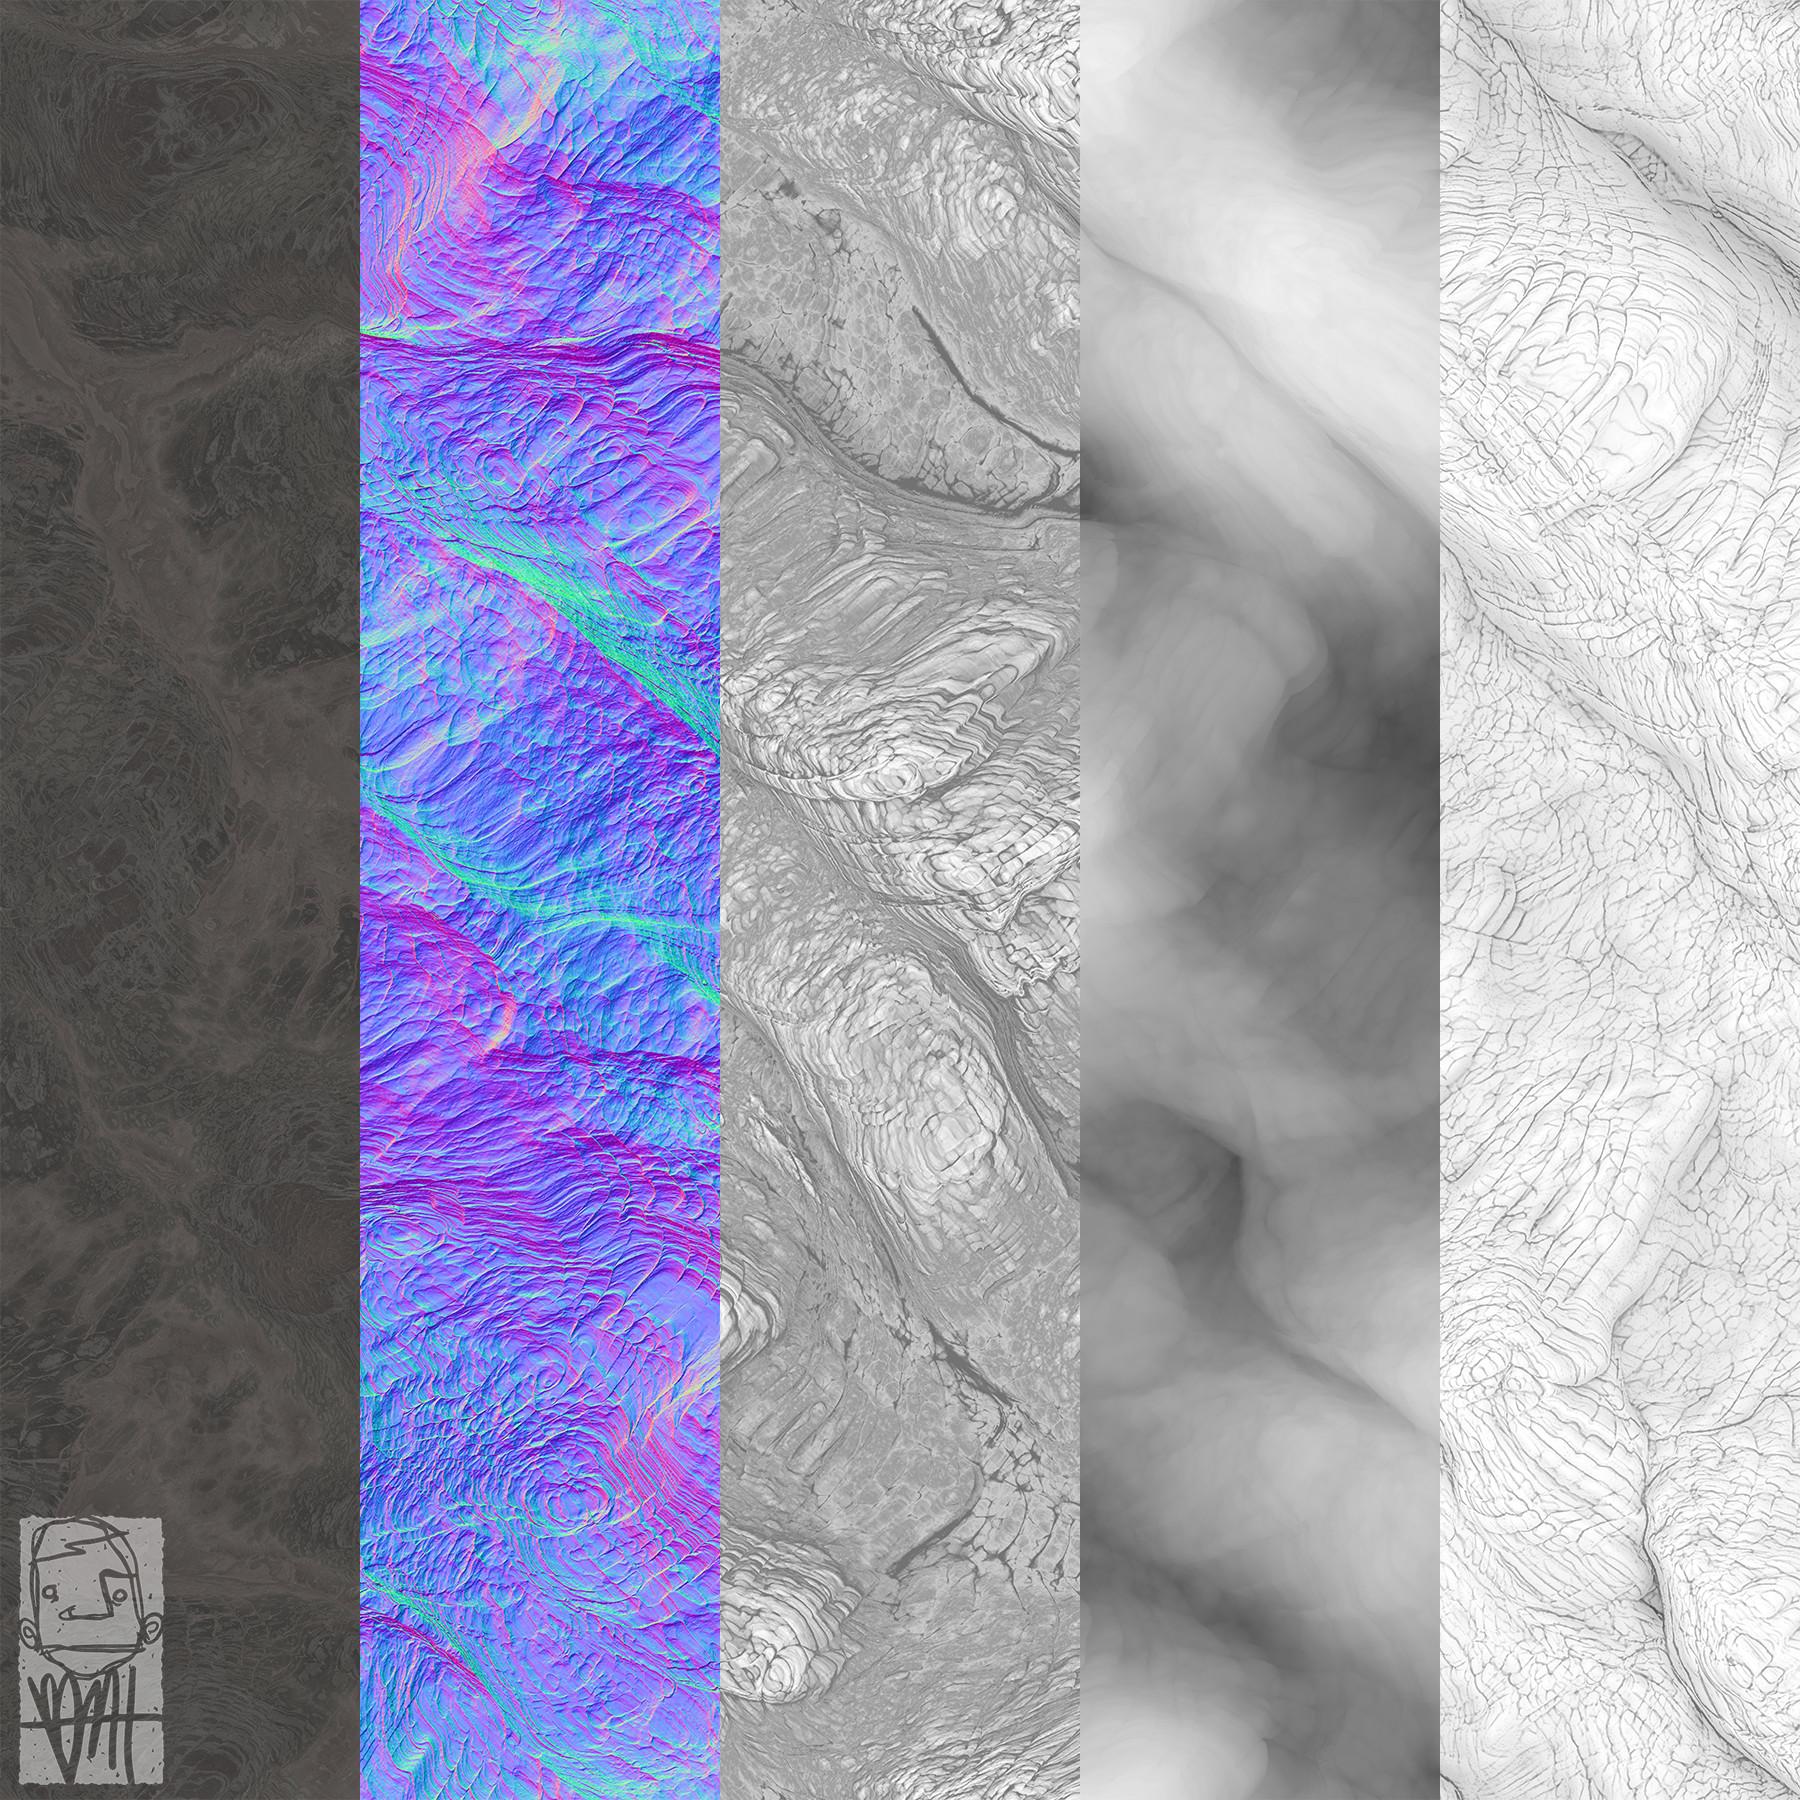 Brett marshall tucker molten lava maps